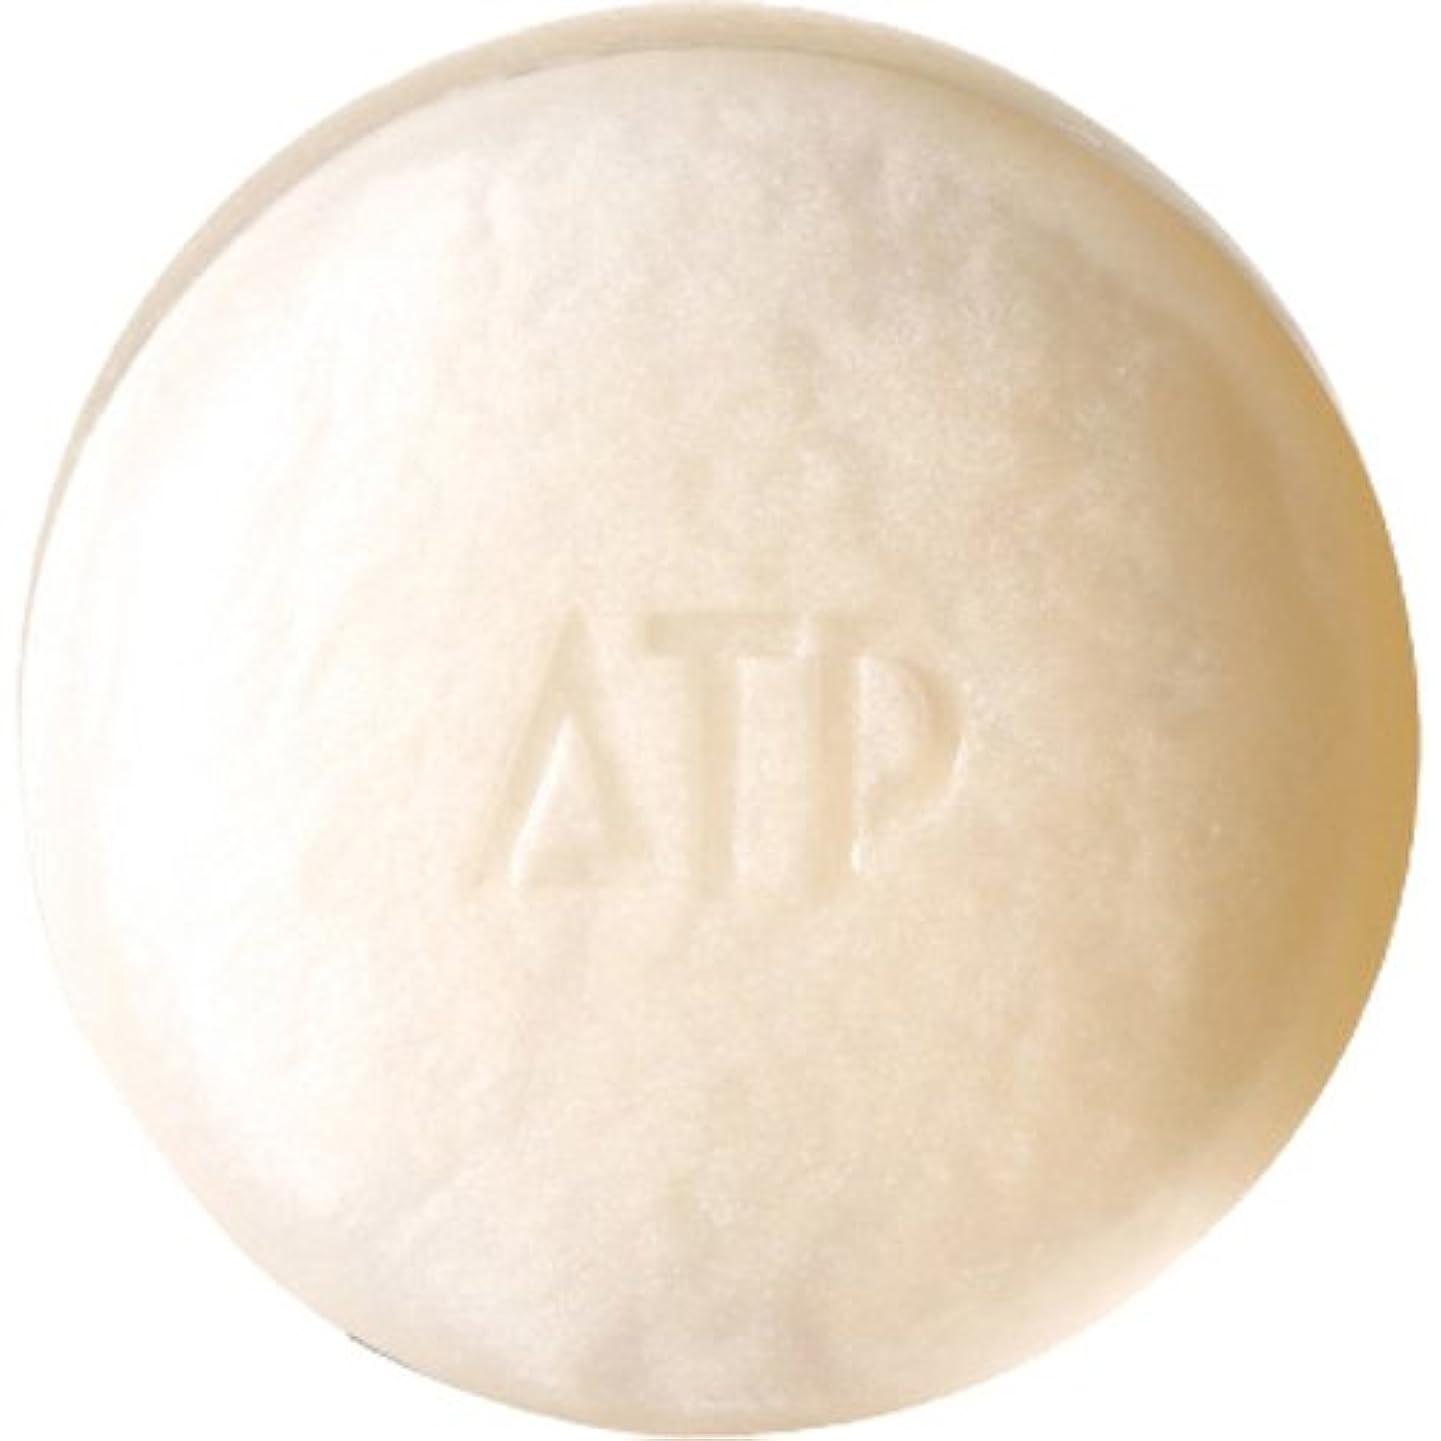 世界的に結婚した輝度薬用ATP デリケアソープ 100g ケースなし (全身用洗浄石けん?枠練り) [医薬部外品]